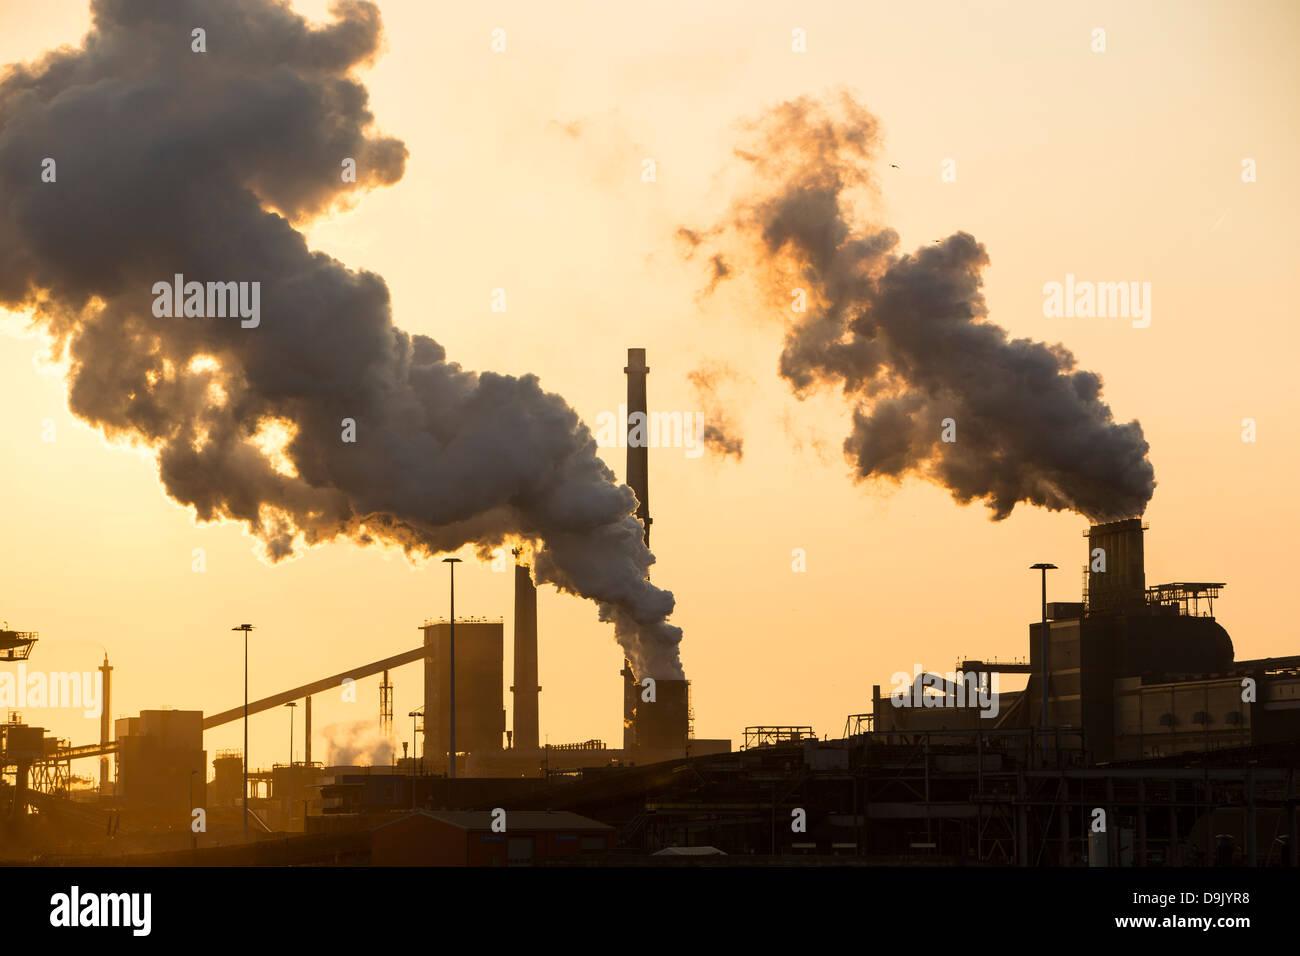 Emissionen von Ijmuiden, Tata steel Works, Niederlande bei Sonnenuntergang. Stockfoto